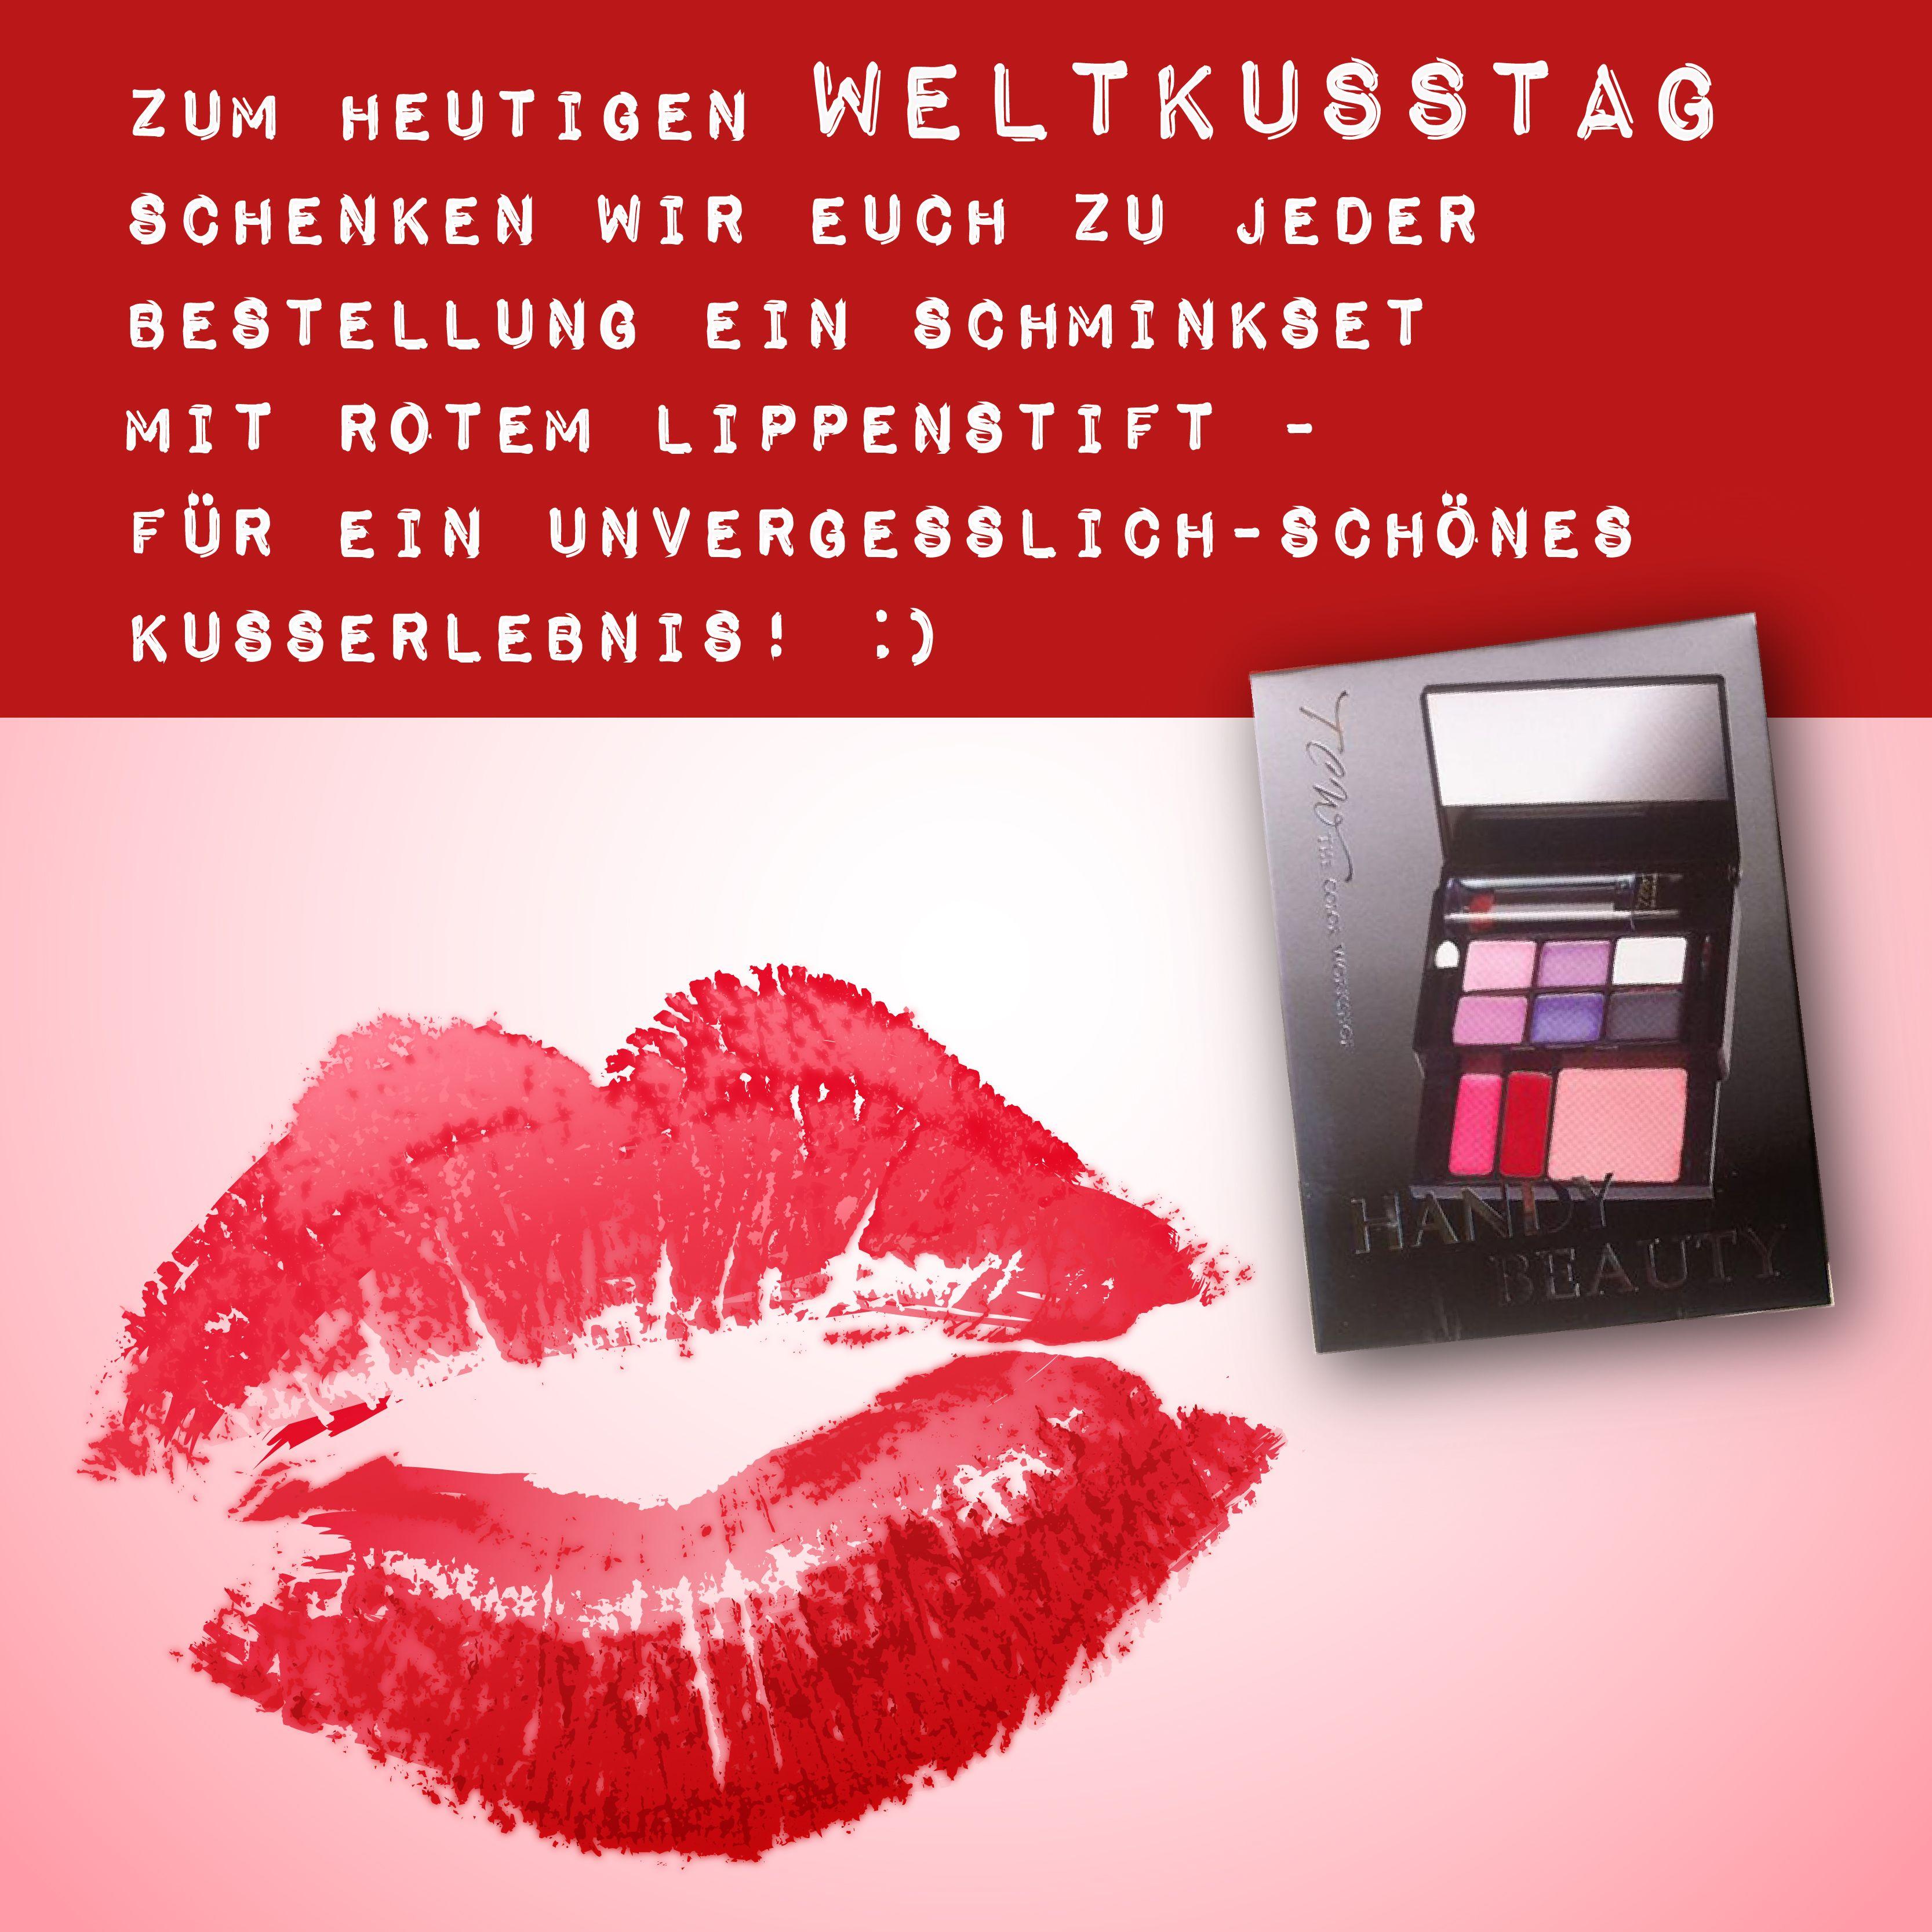 Heute ist #WELTKUSSTAG! :) Schnell bestellen & ein gratis Schminkset mit knallrotem #Lippenstift für den perfekten #Kussmund ergattern! Lots of Kisses, euer #SuperioNaturshop